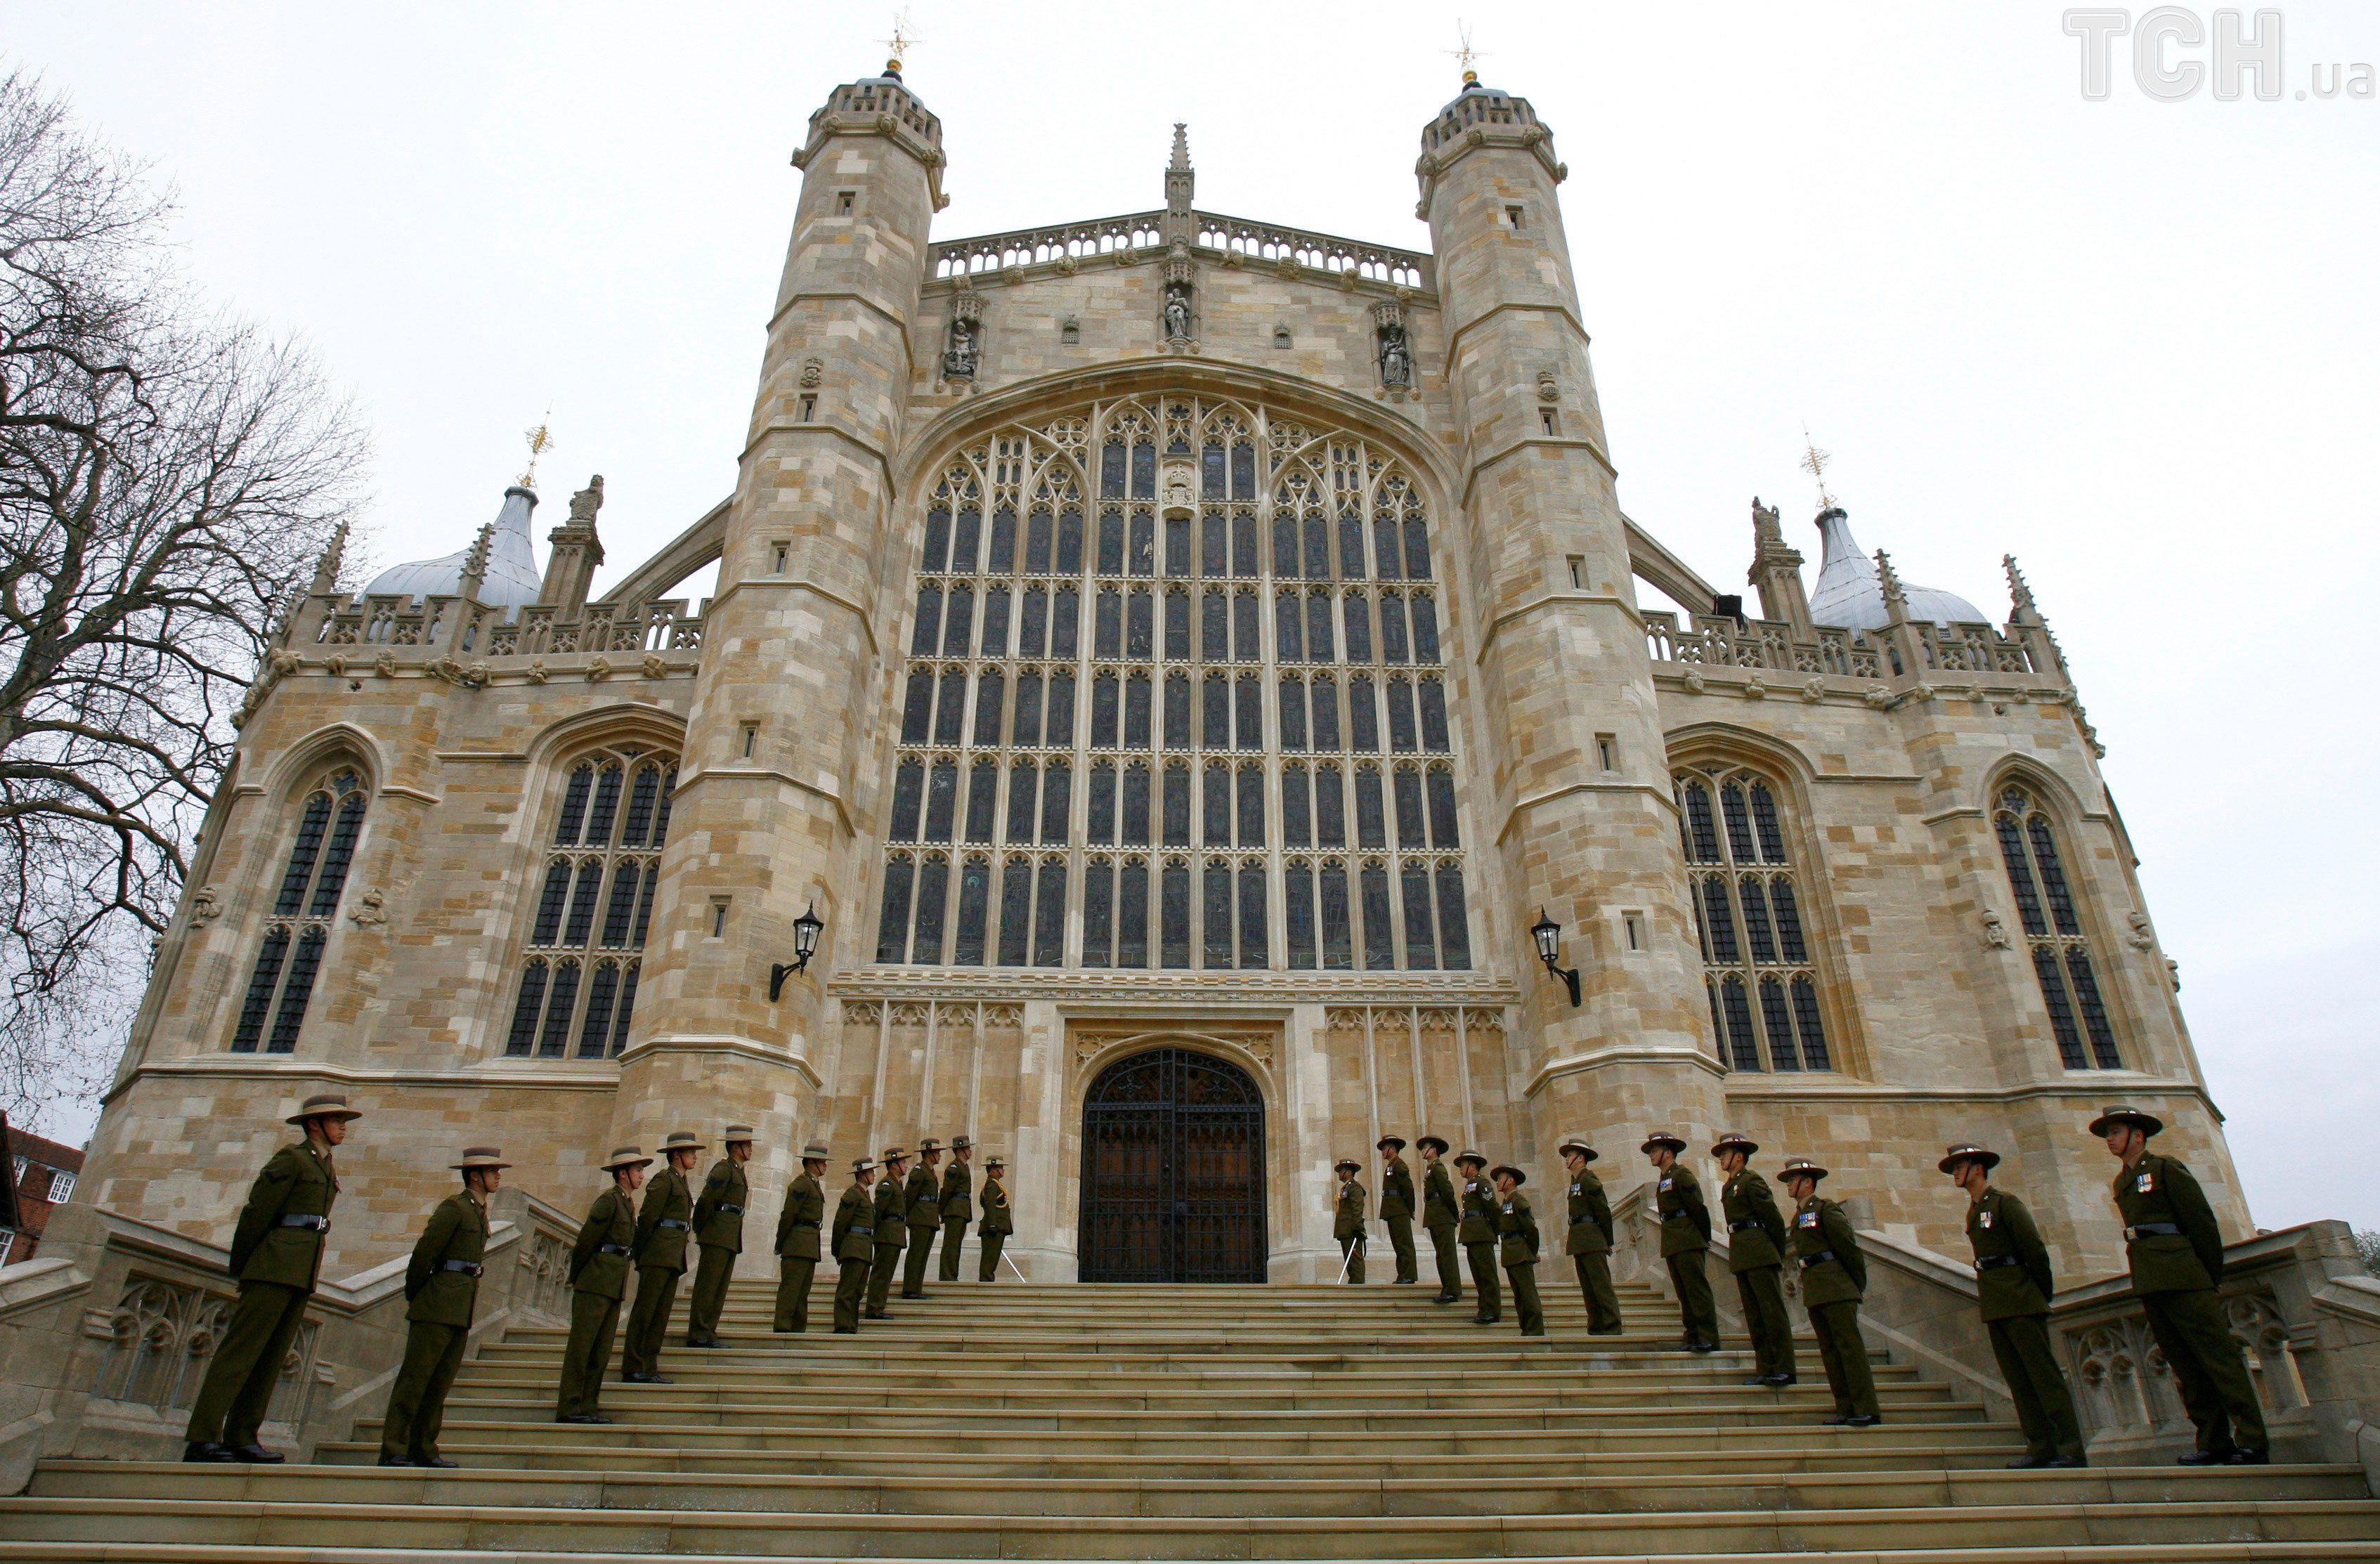 каплиця Св. Георгія, де відбудеться весілля принца Гаррі і Меган Маркл